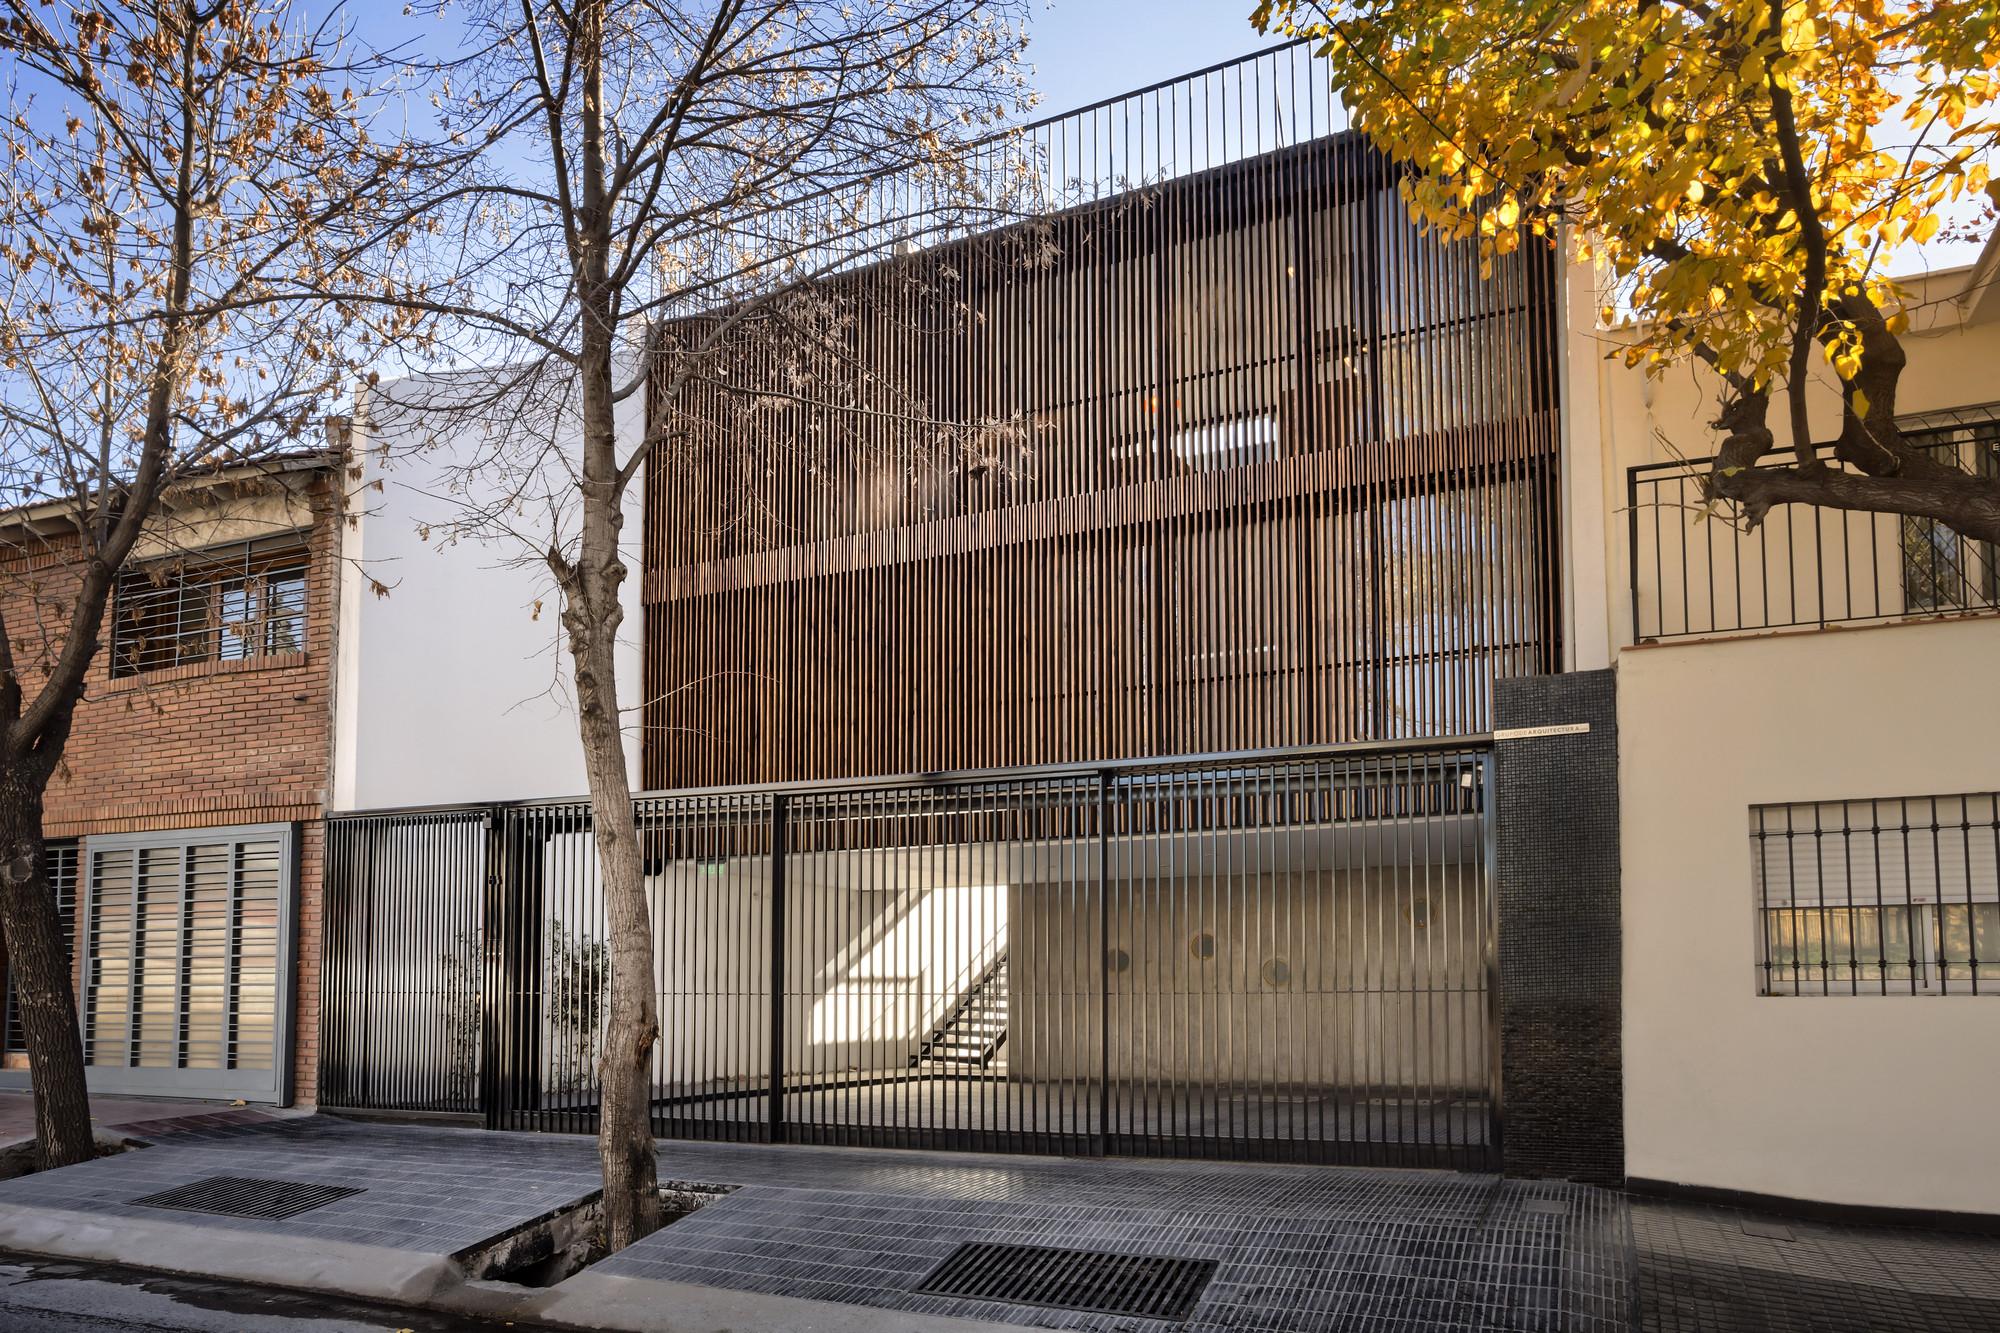 ESCALA83 Apartamentos / GRUPODEARQUITECTURA, © GARCÍA+BETANCOURT